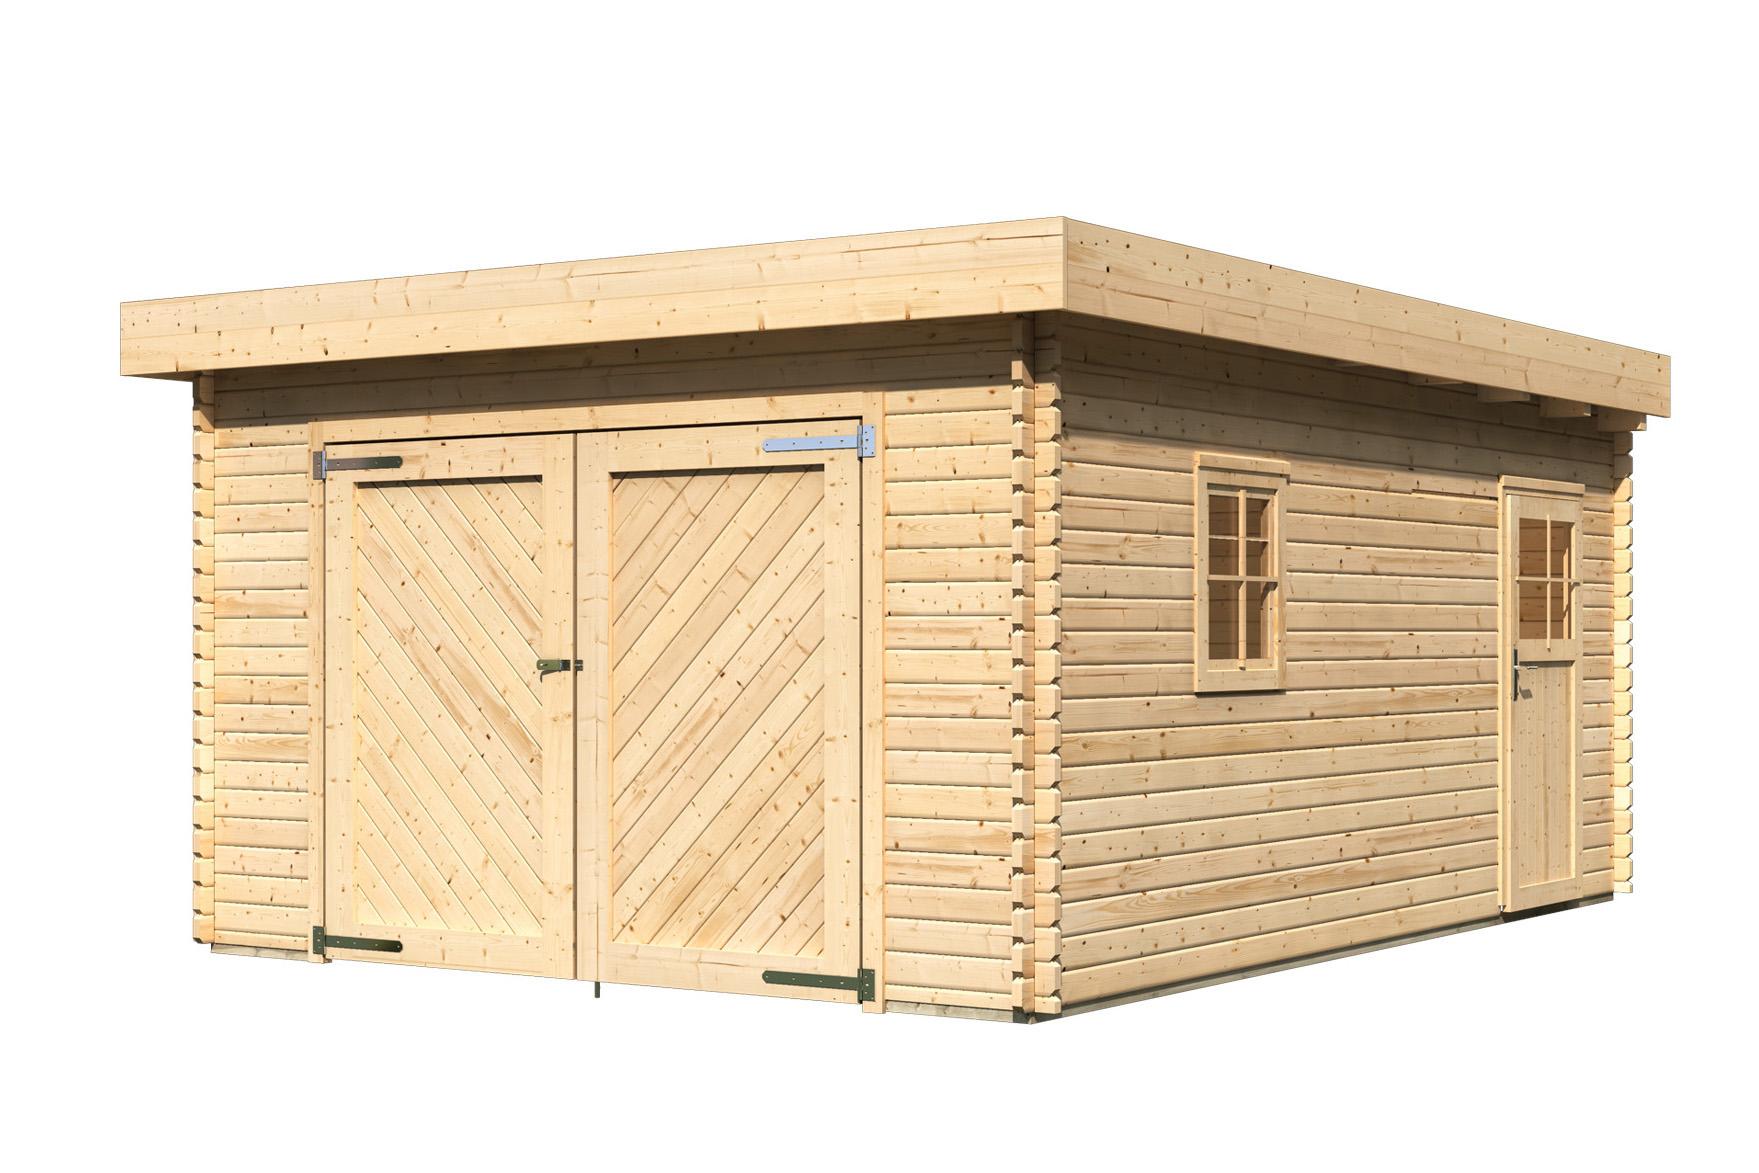 Holz Garagen Carports & Garagen